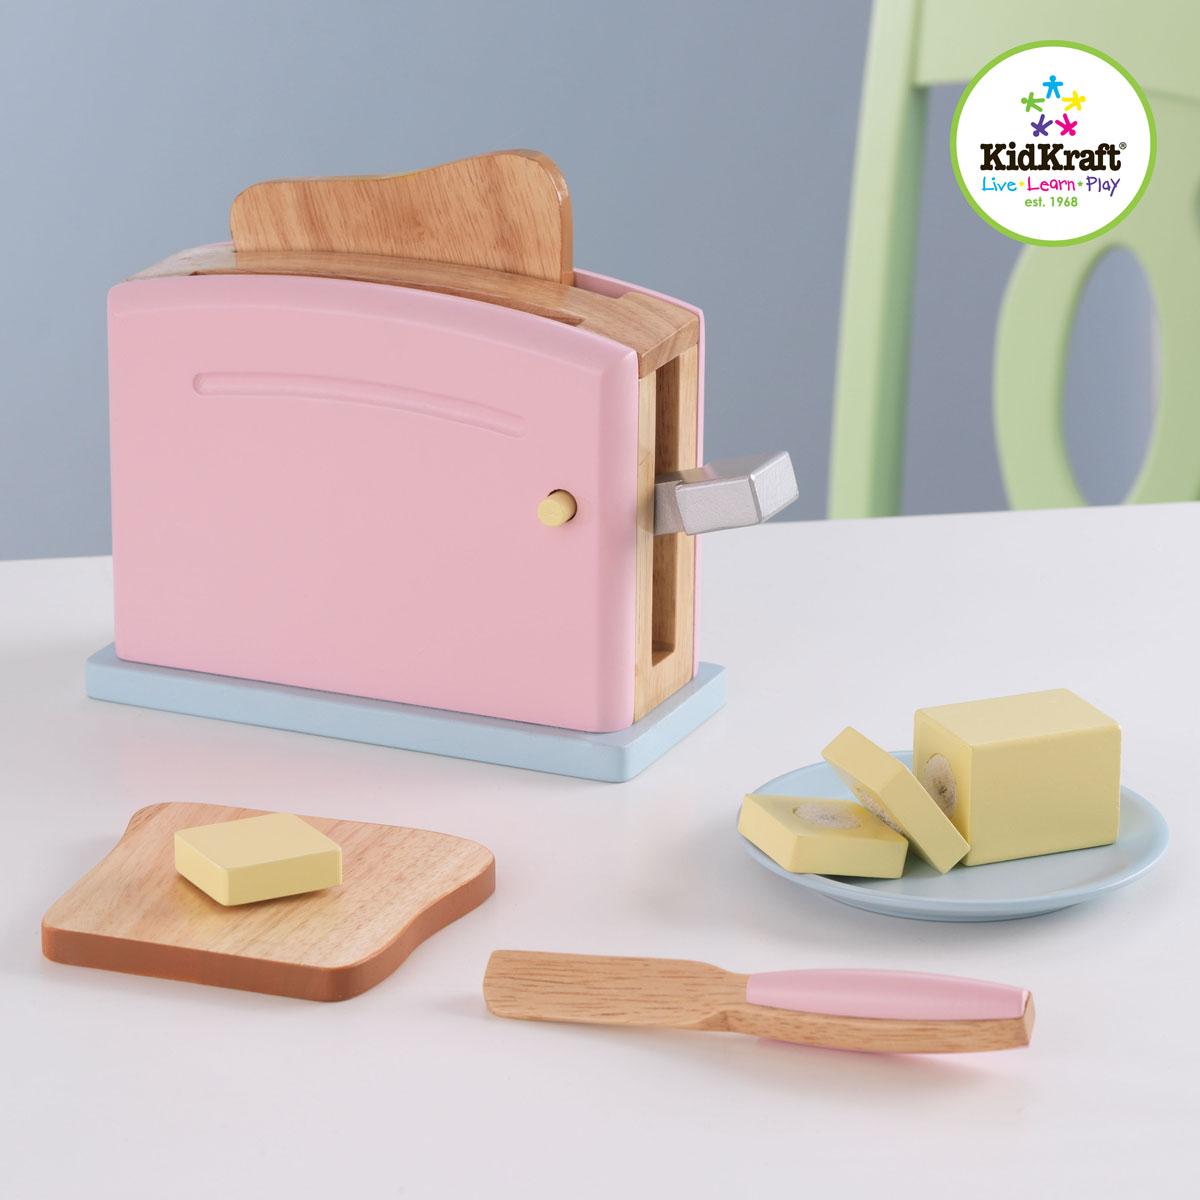 Kidkraft 63162 Toaster in Pastellfarben | Pirum-Holzspielzeuge.de